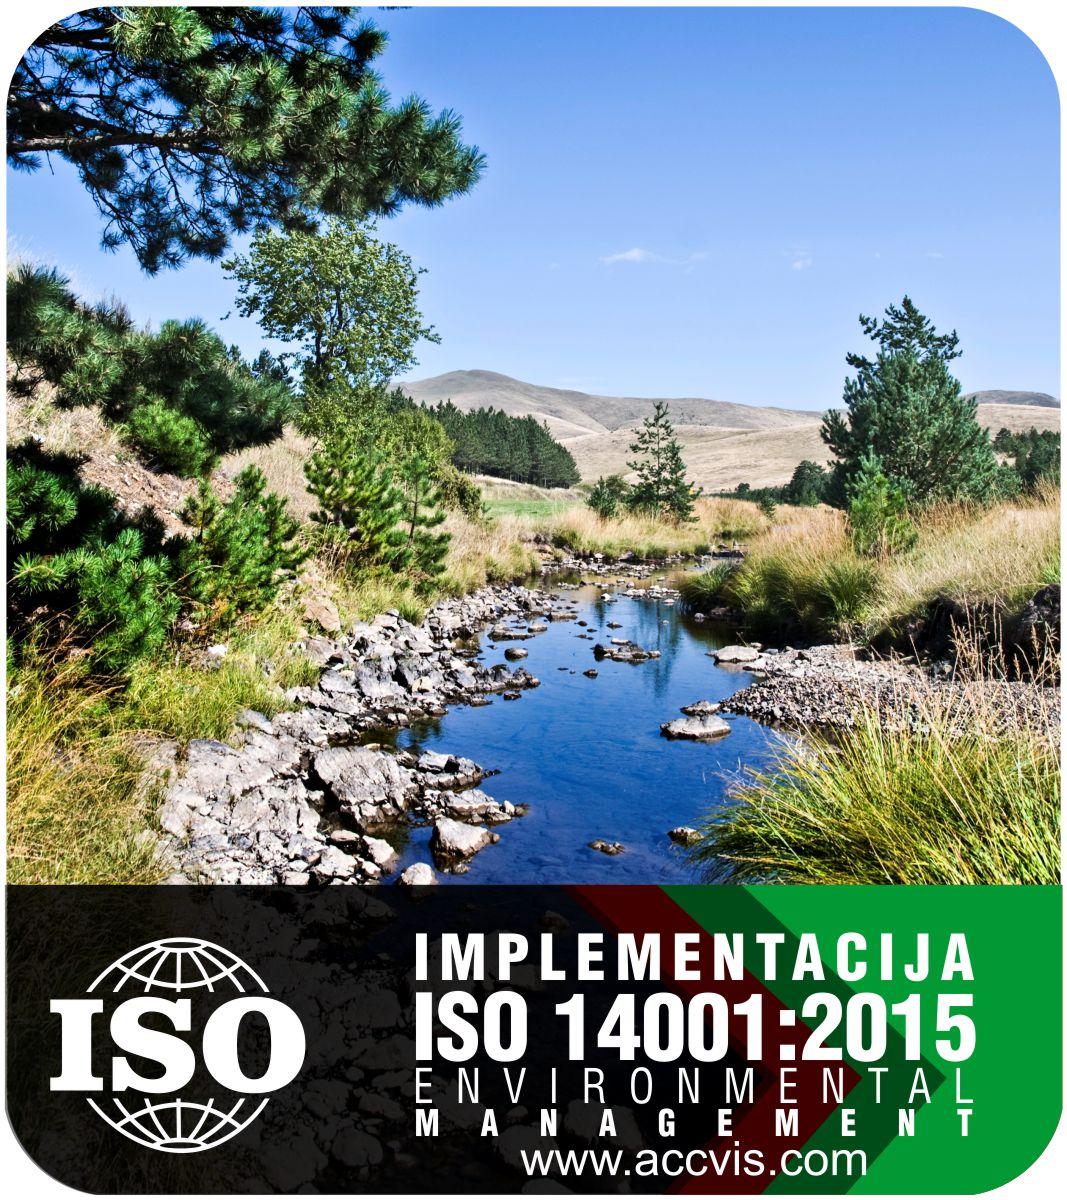 Uvodjenje standarda ISO 14001 2015